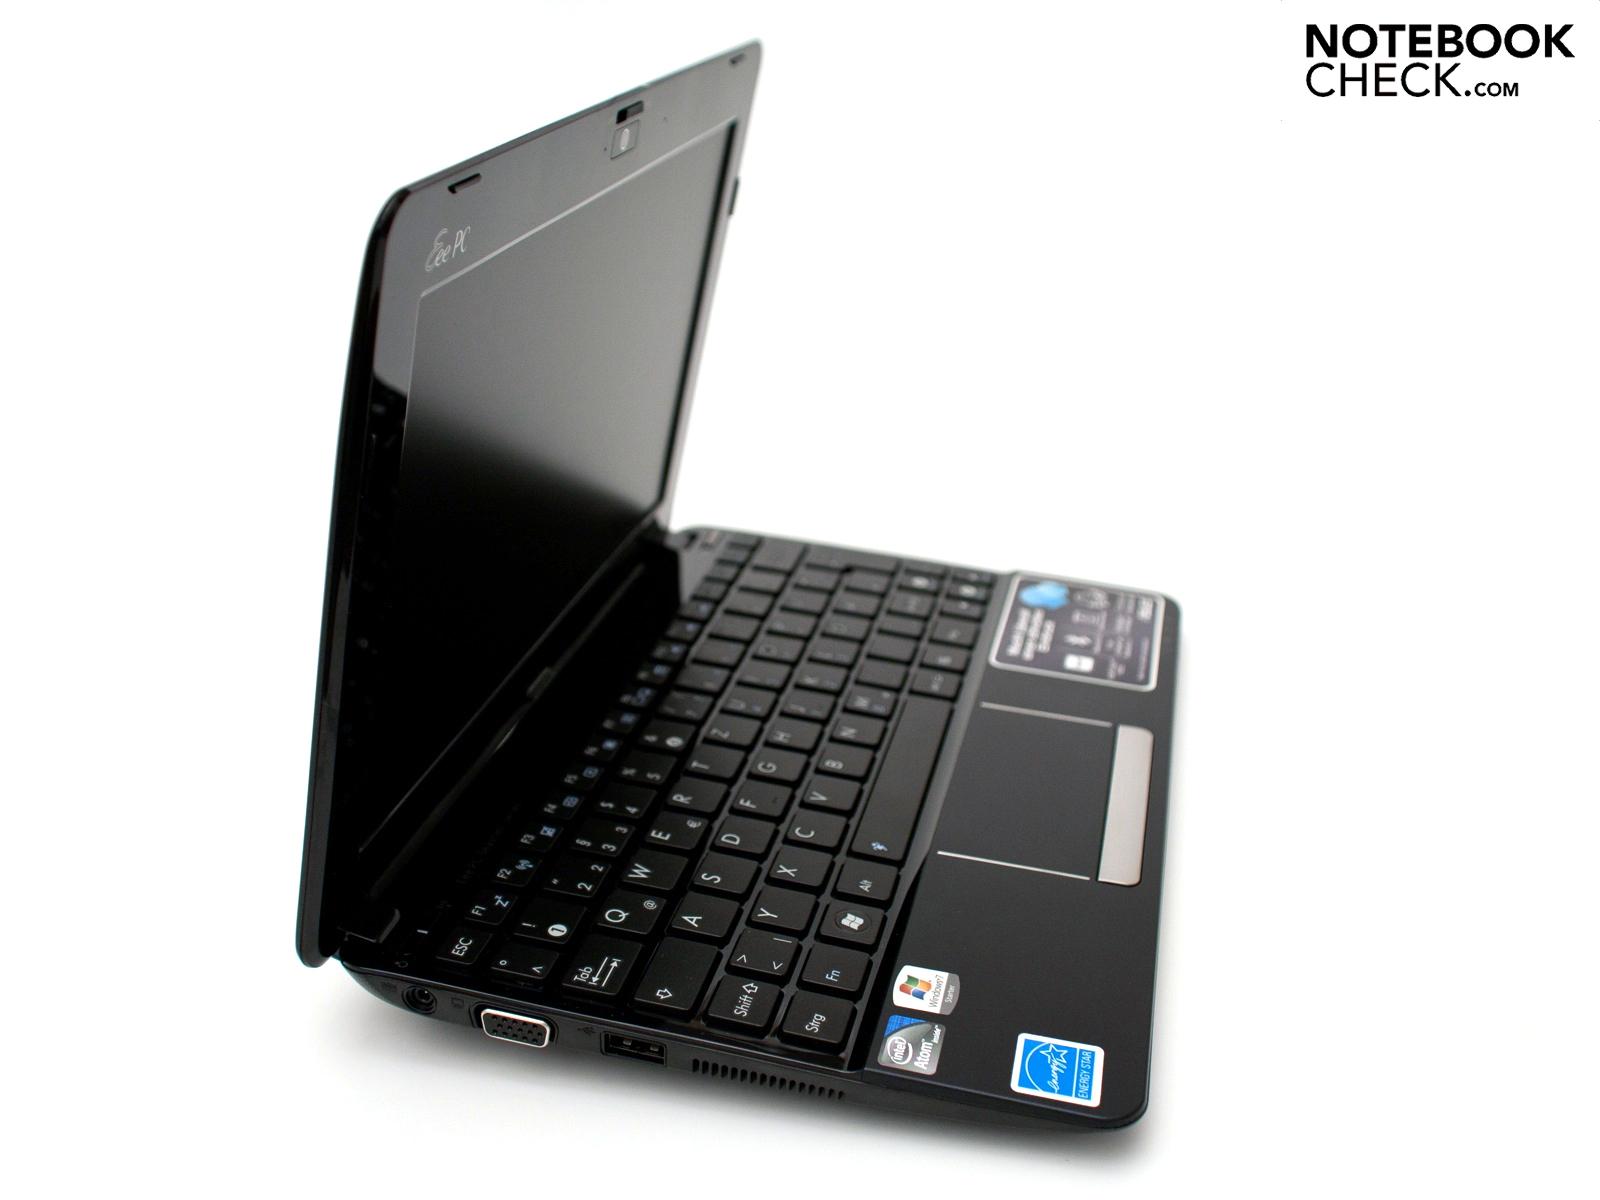 Asus Eee PC 1015PEM Netbook USB 3.0 Treiber